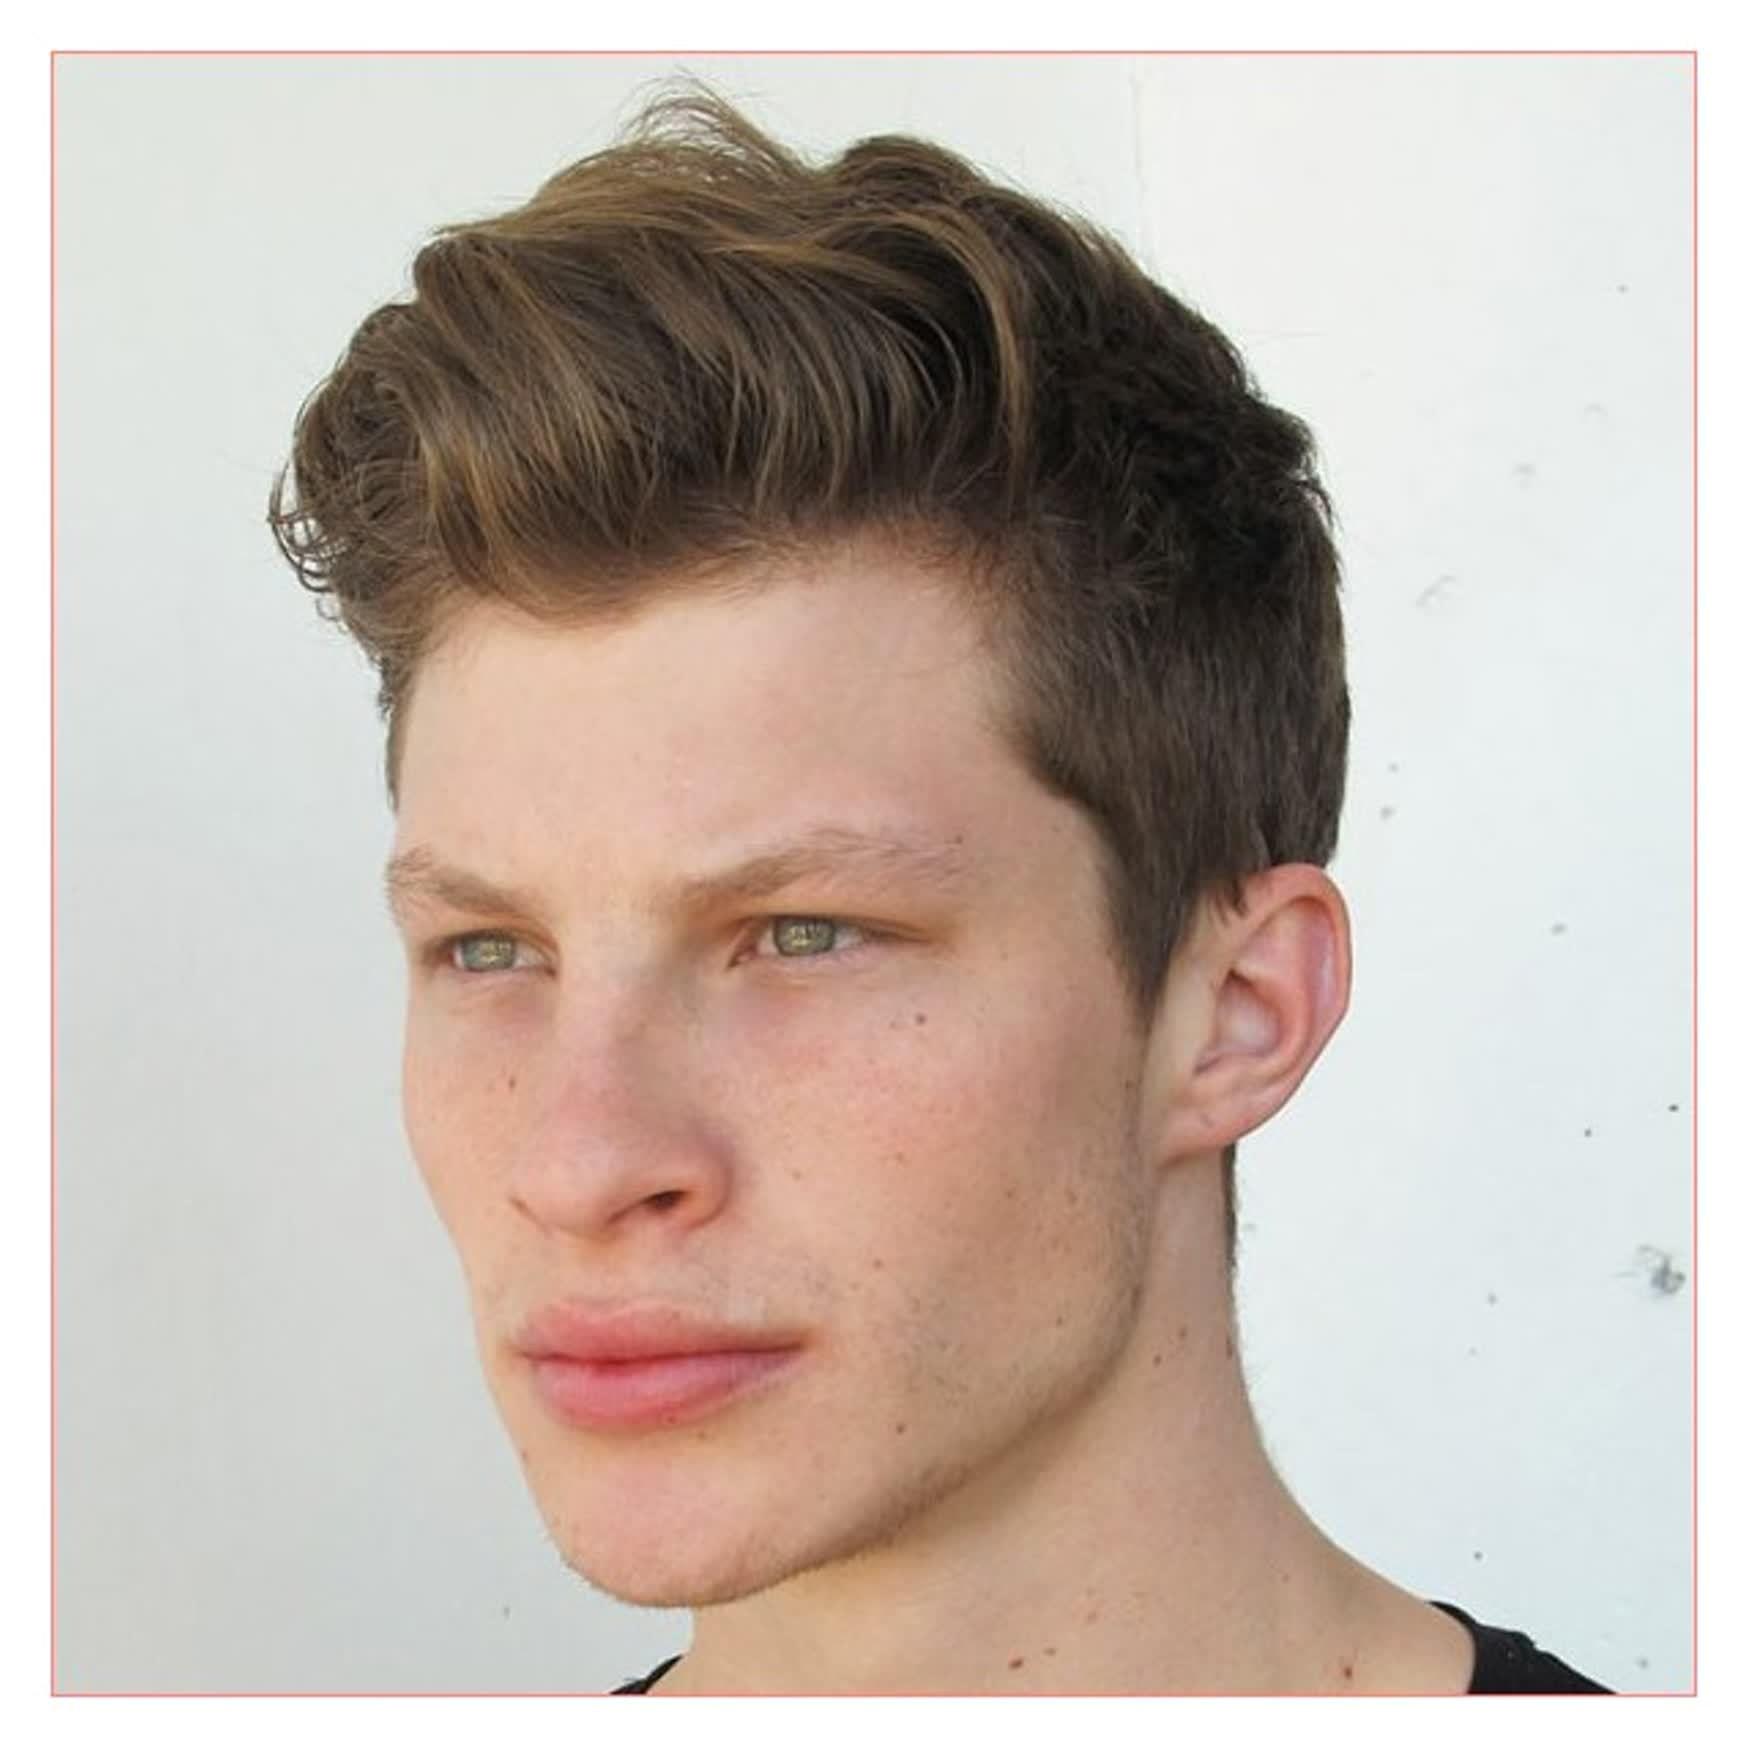 Einzigartige Guy Curly Frisuren hair mannerfrisuren haircuts curlyhairstyles curlyhair blonde